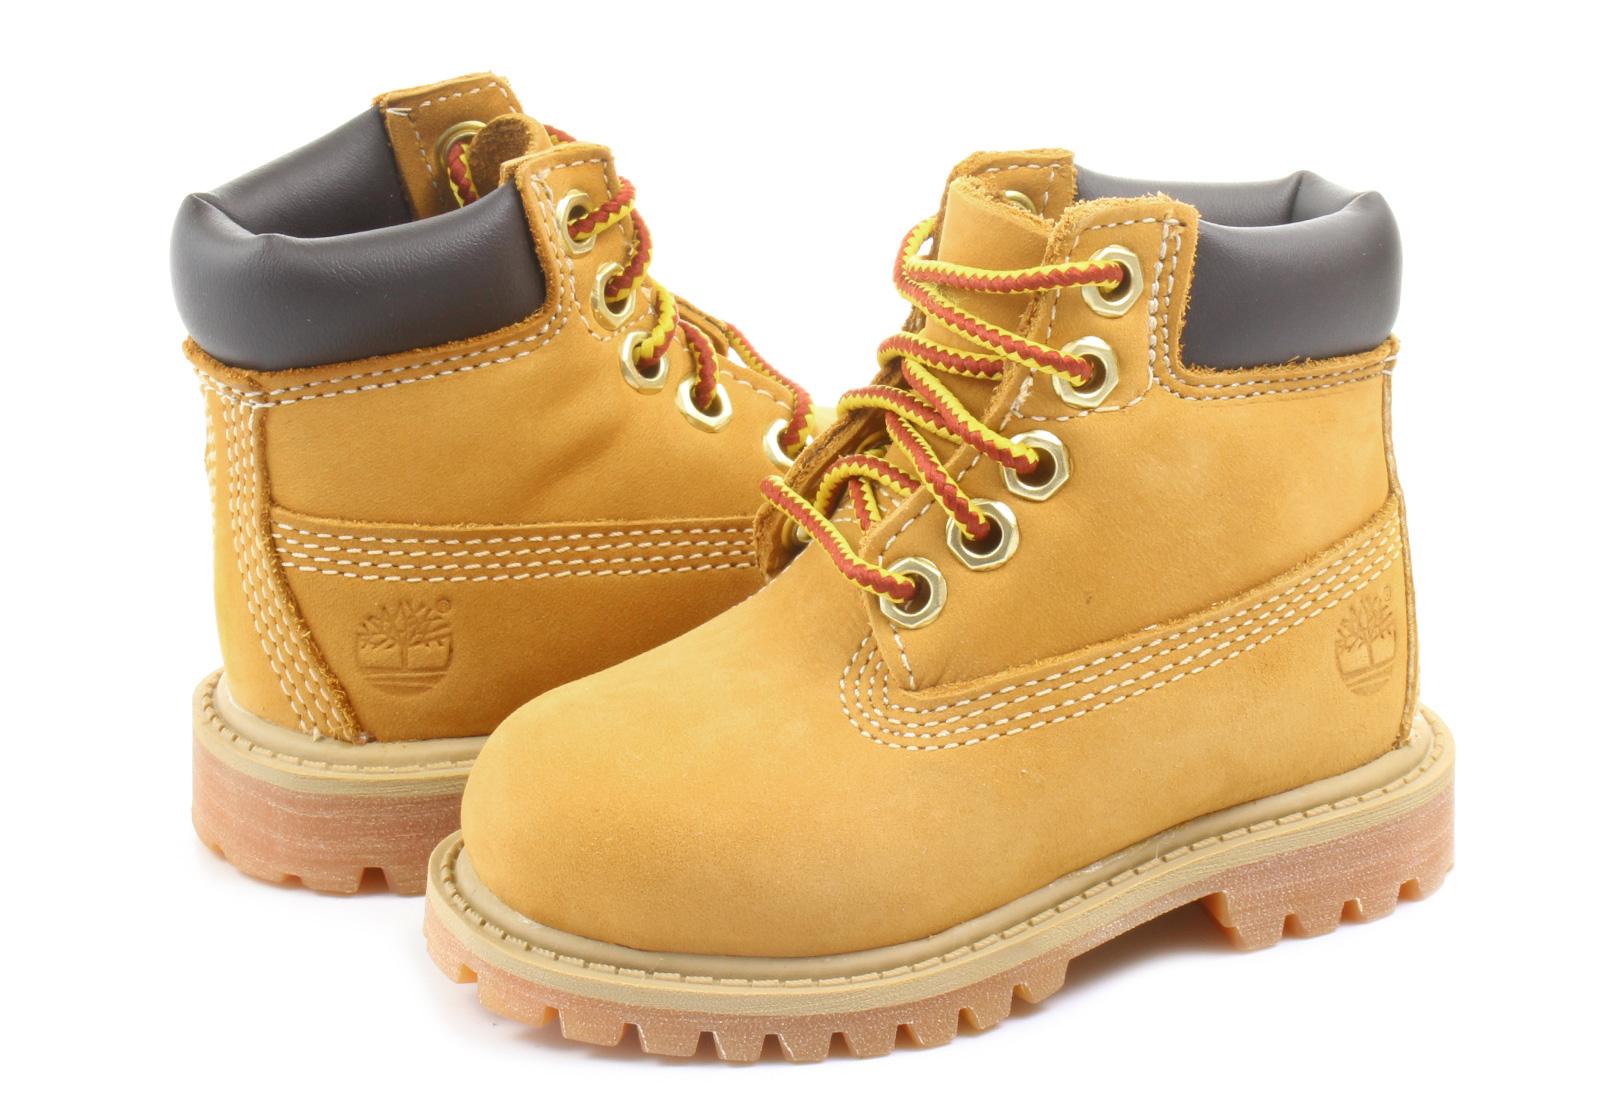 sklep dyskontowy kup sprzedaż Data wydania: Timberland Buty za kostkę - 6 Inch Prem Boot - 12809-BLE - Obuwie i buty  damskie, męskie, dziecięce w Office Shoes